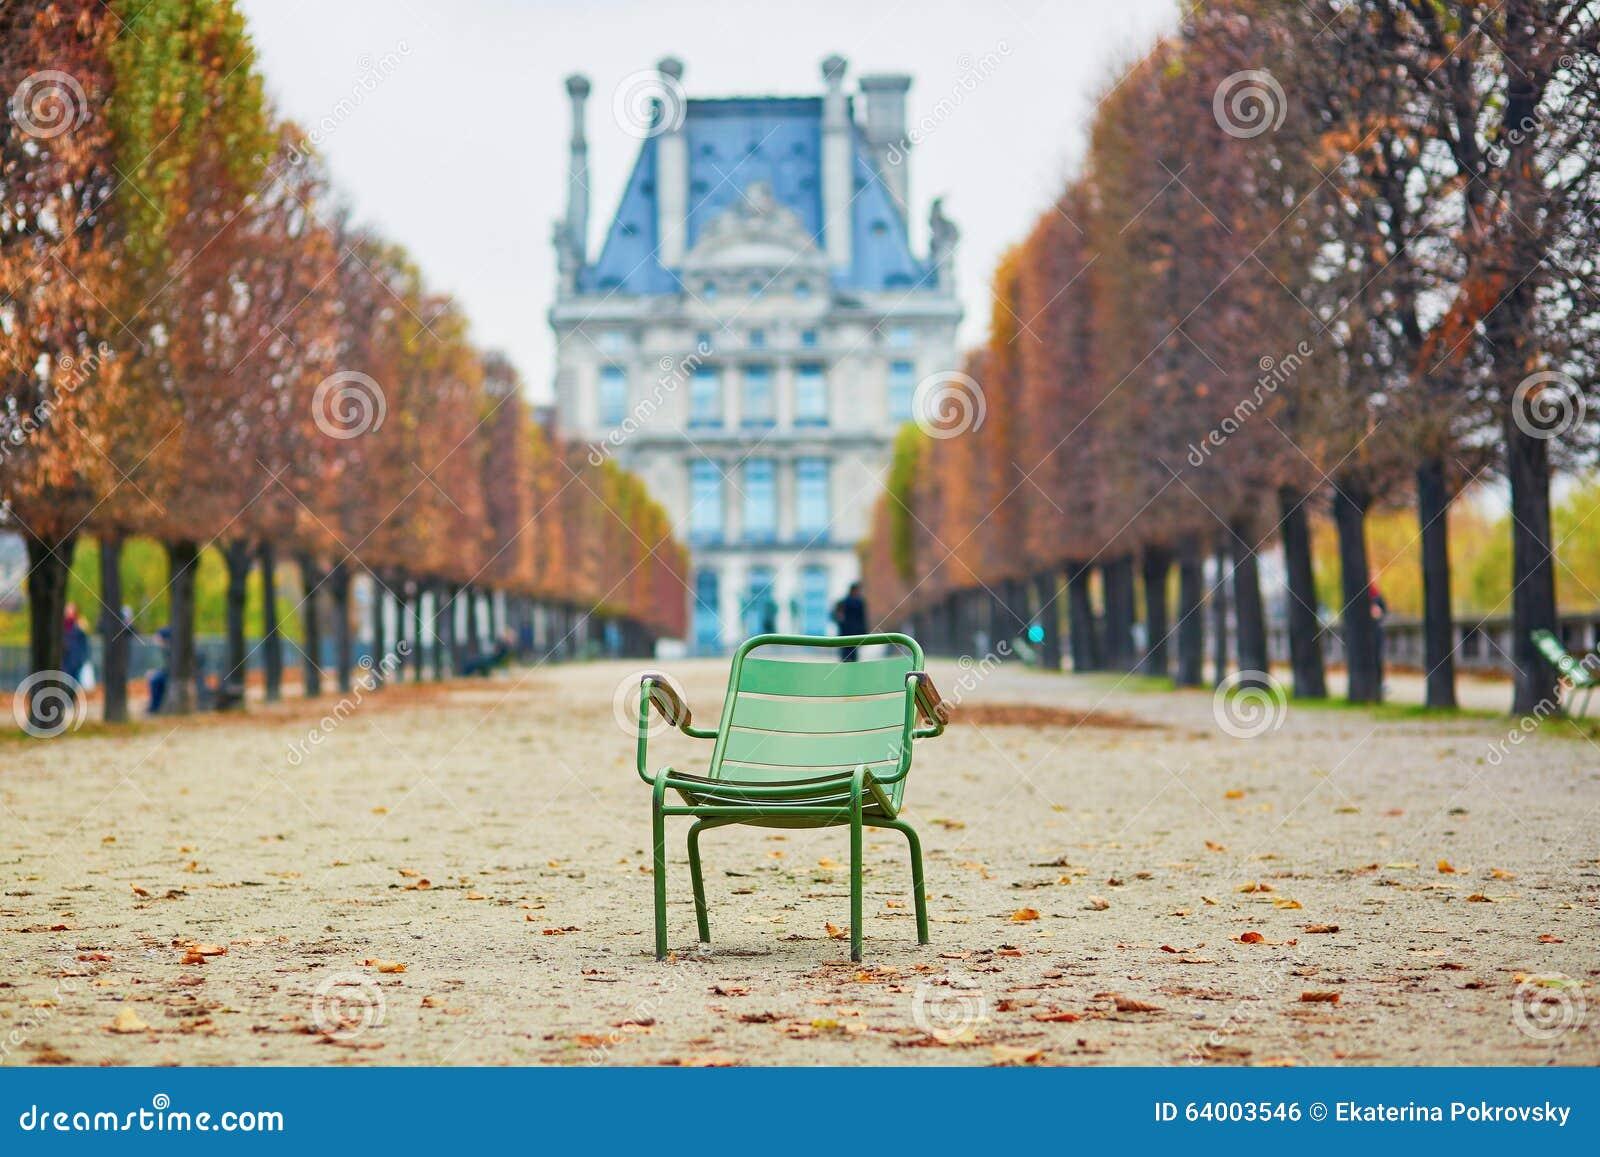 Typique Parisienne De Photo Dans Jardin Parc Chaise Tuileries Le BorxWdCe